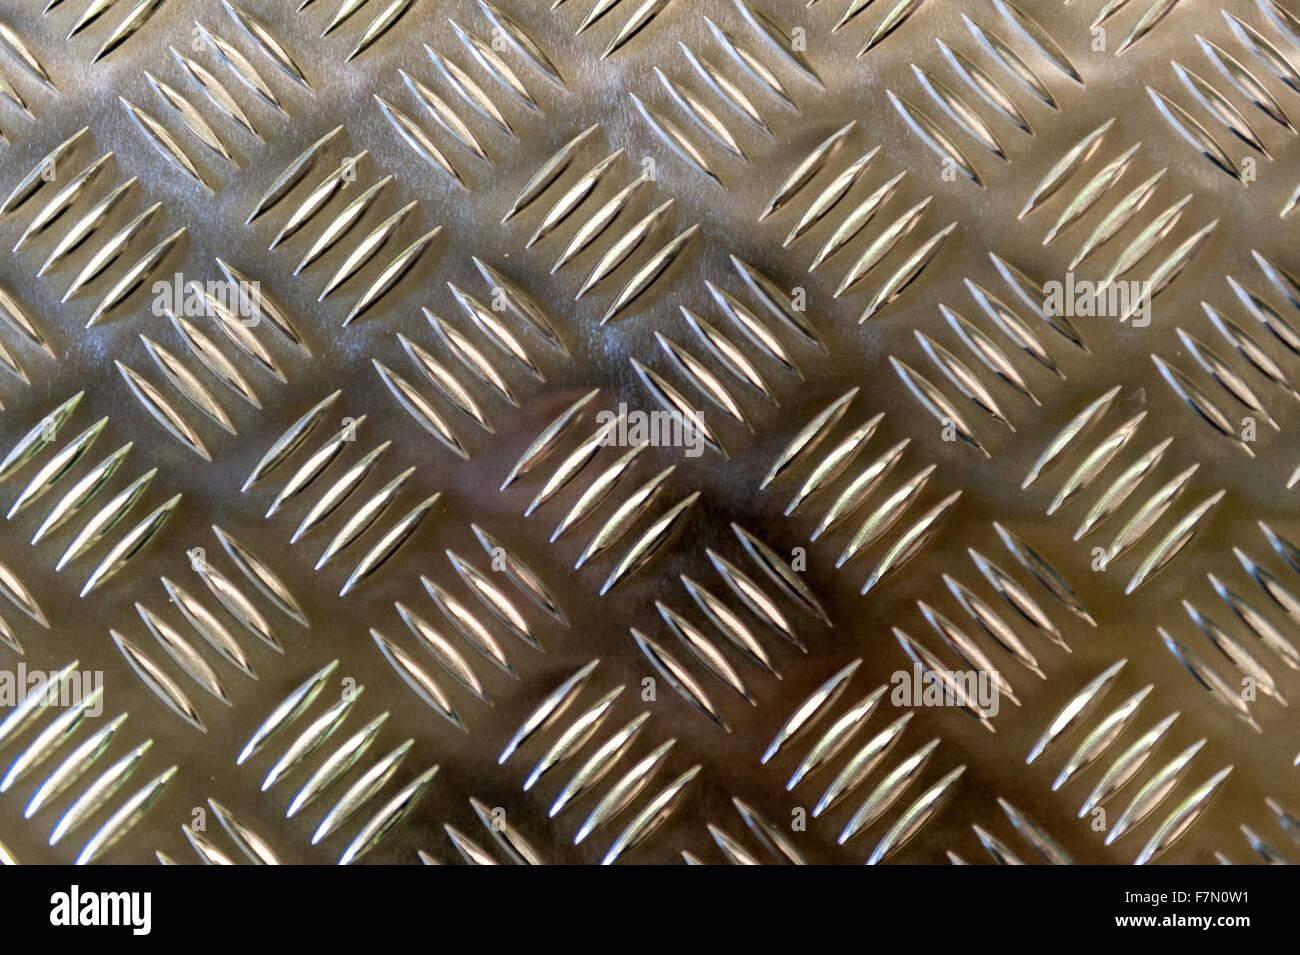 Metallplatte mit einem Raster auferlegten Muster für das greifen Stockbild